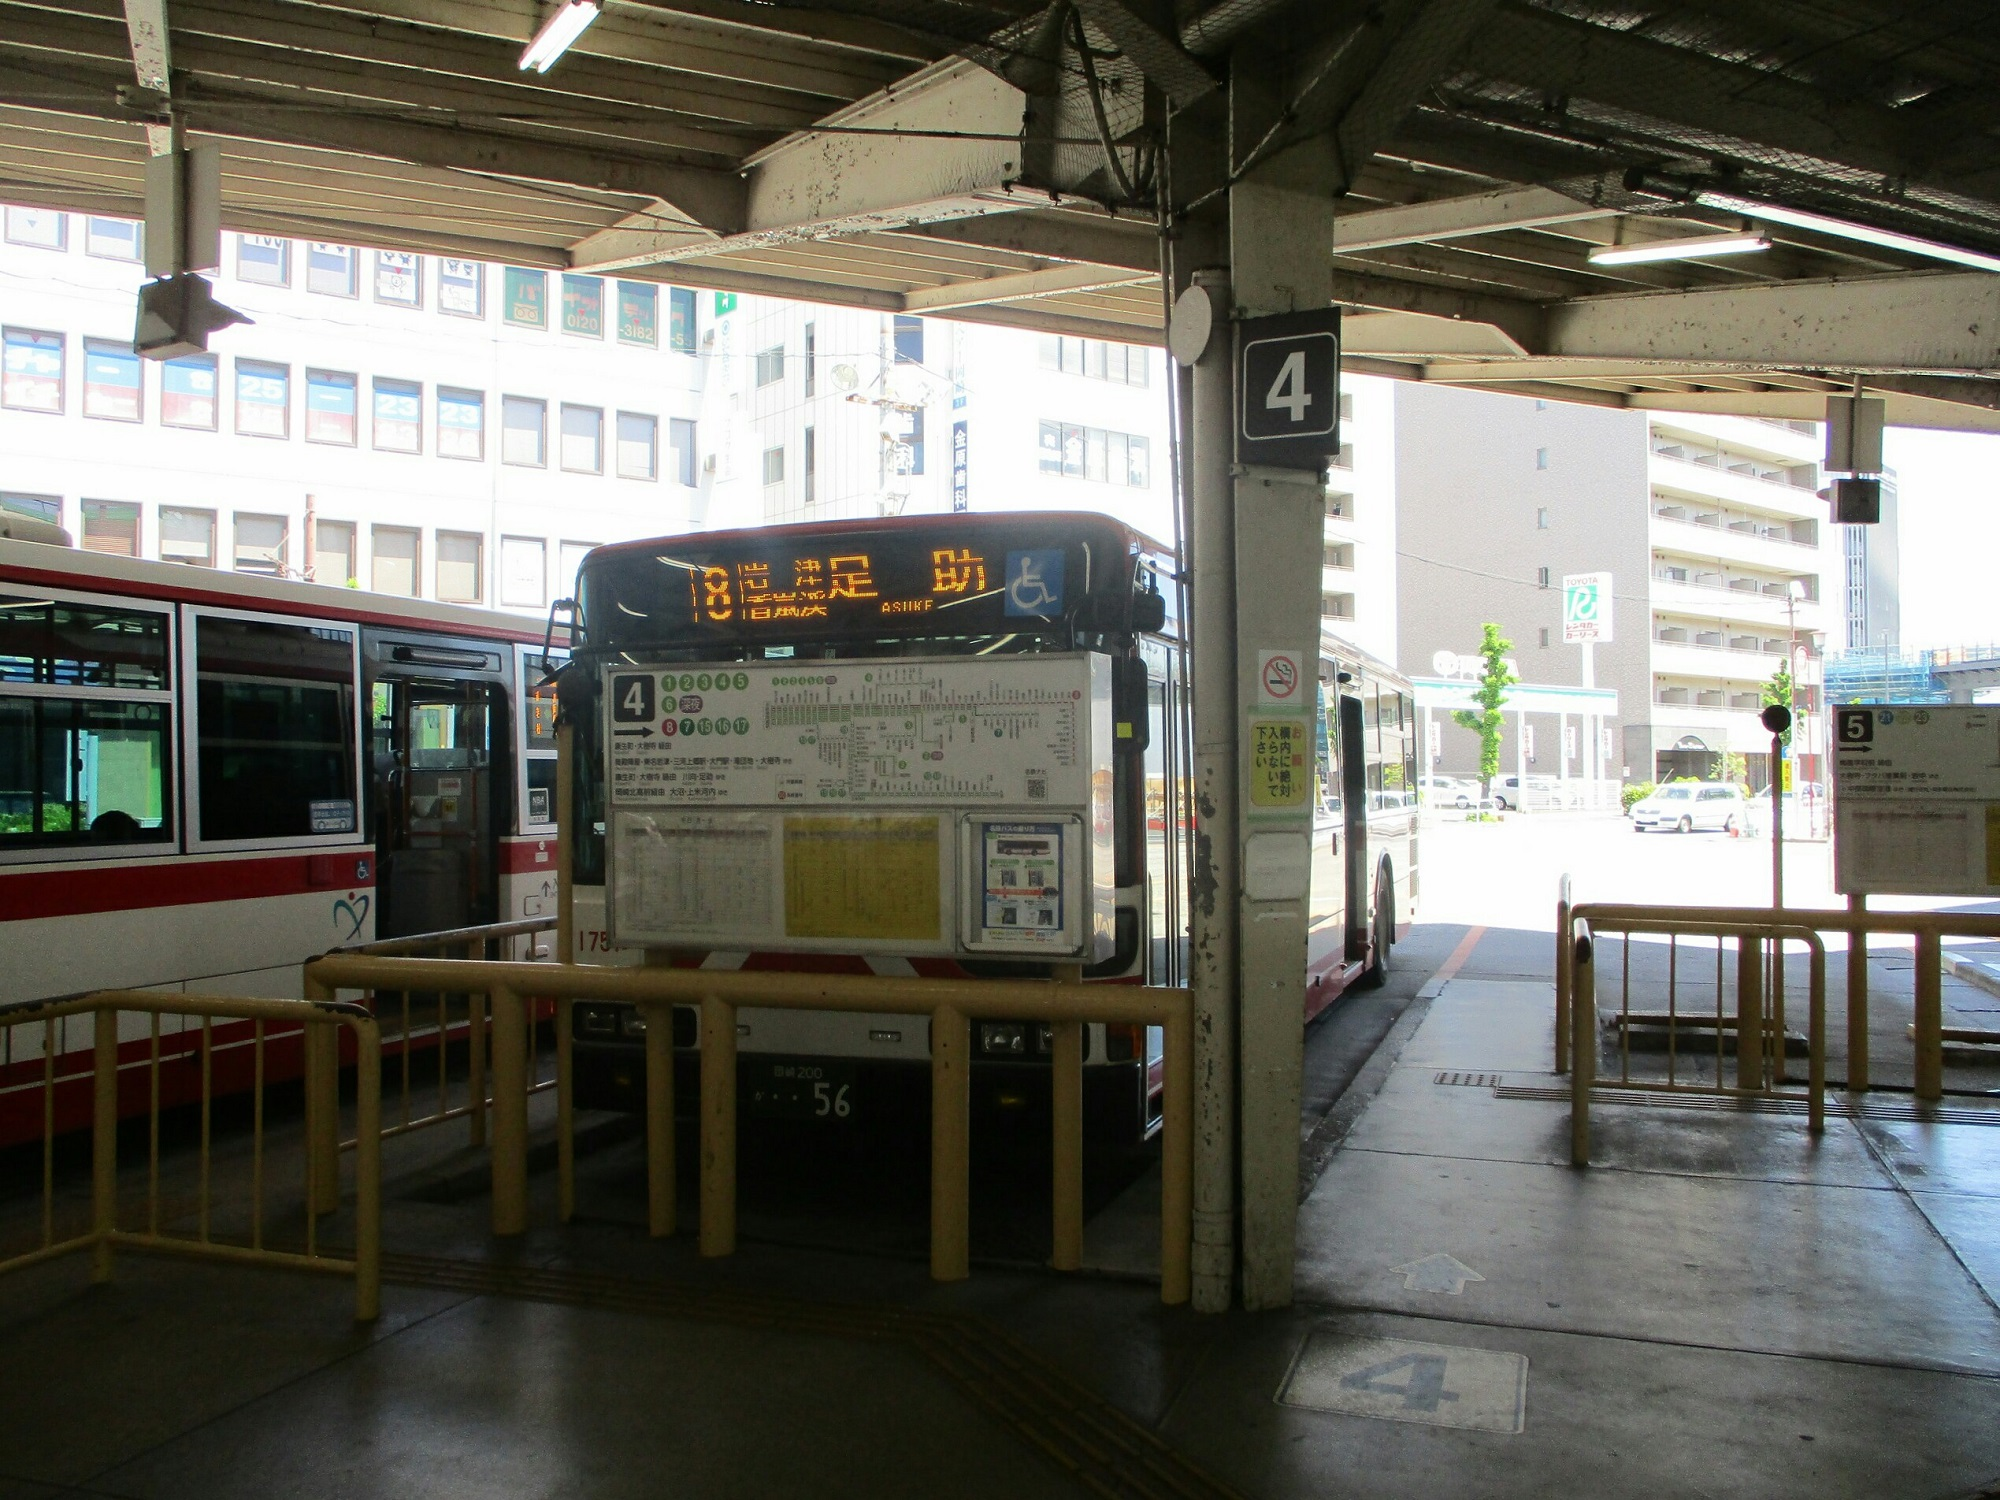 2019.5.7 (12) 東岡崎 - 足助いきバス 2000-1500